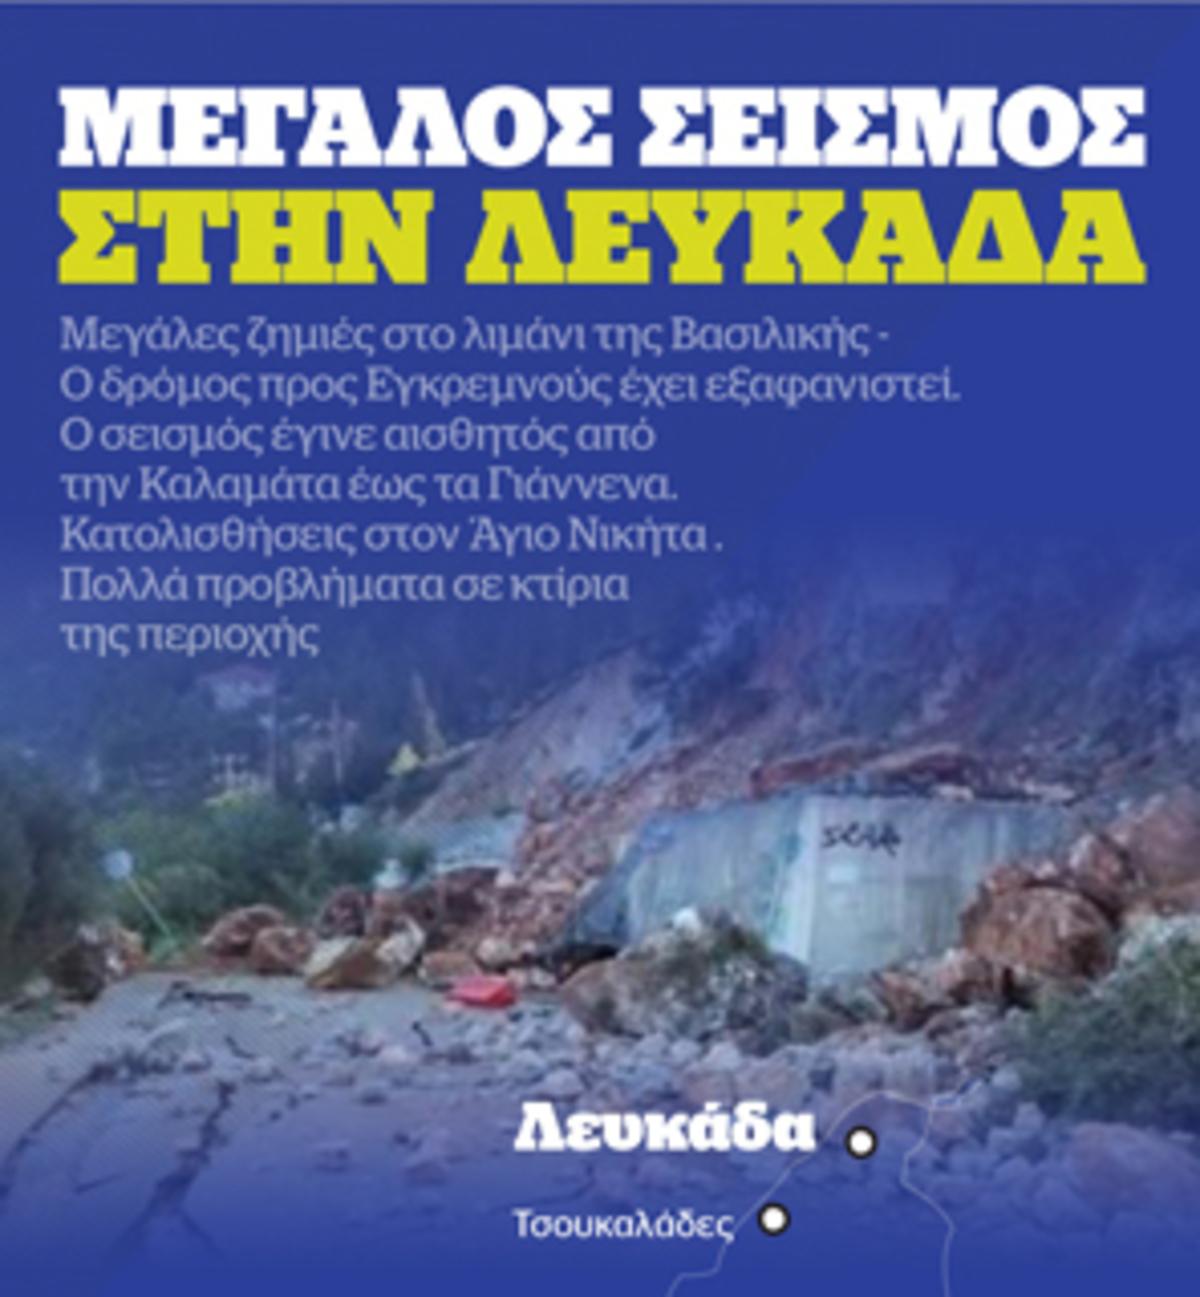 Σεισμός στην Λευκάδα: Infographic